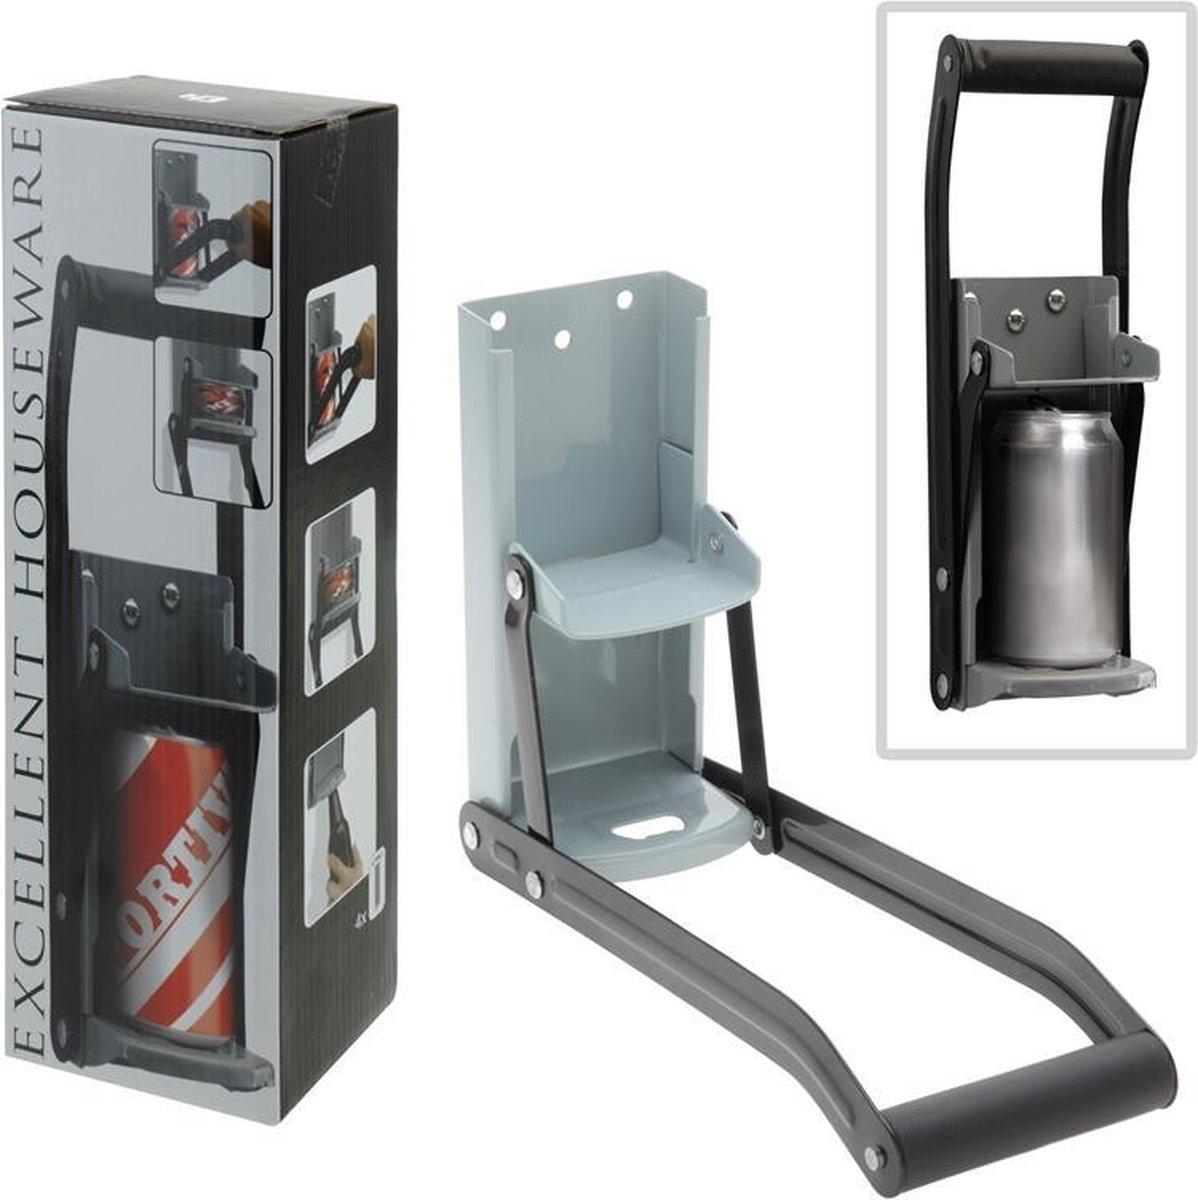 MikaMax Blikjespers - Keukenhulphouder - Blikkenpers - Can Crusher - Grijs - 32 x 10 x 10 cm